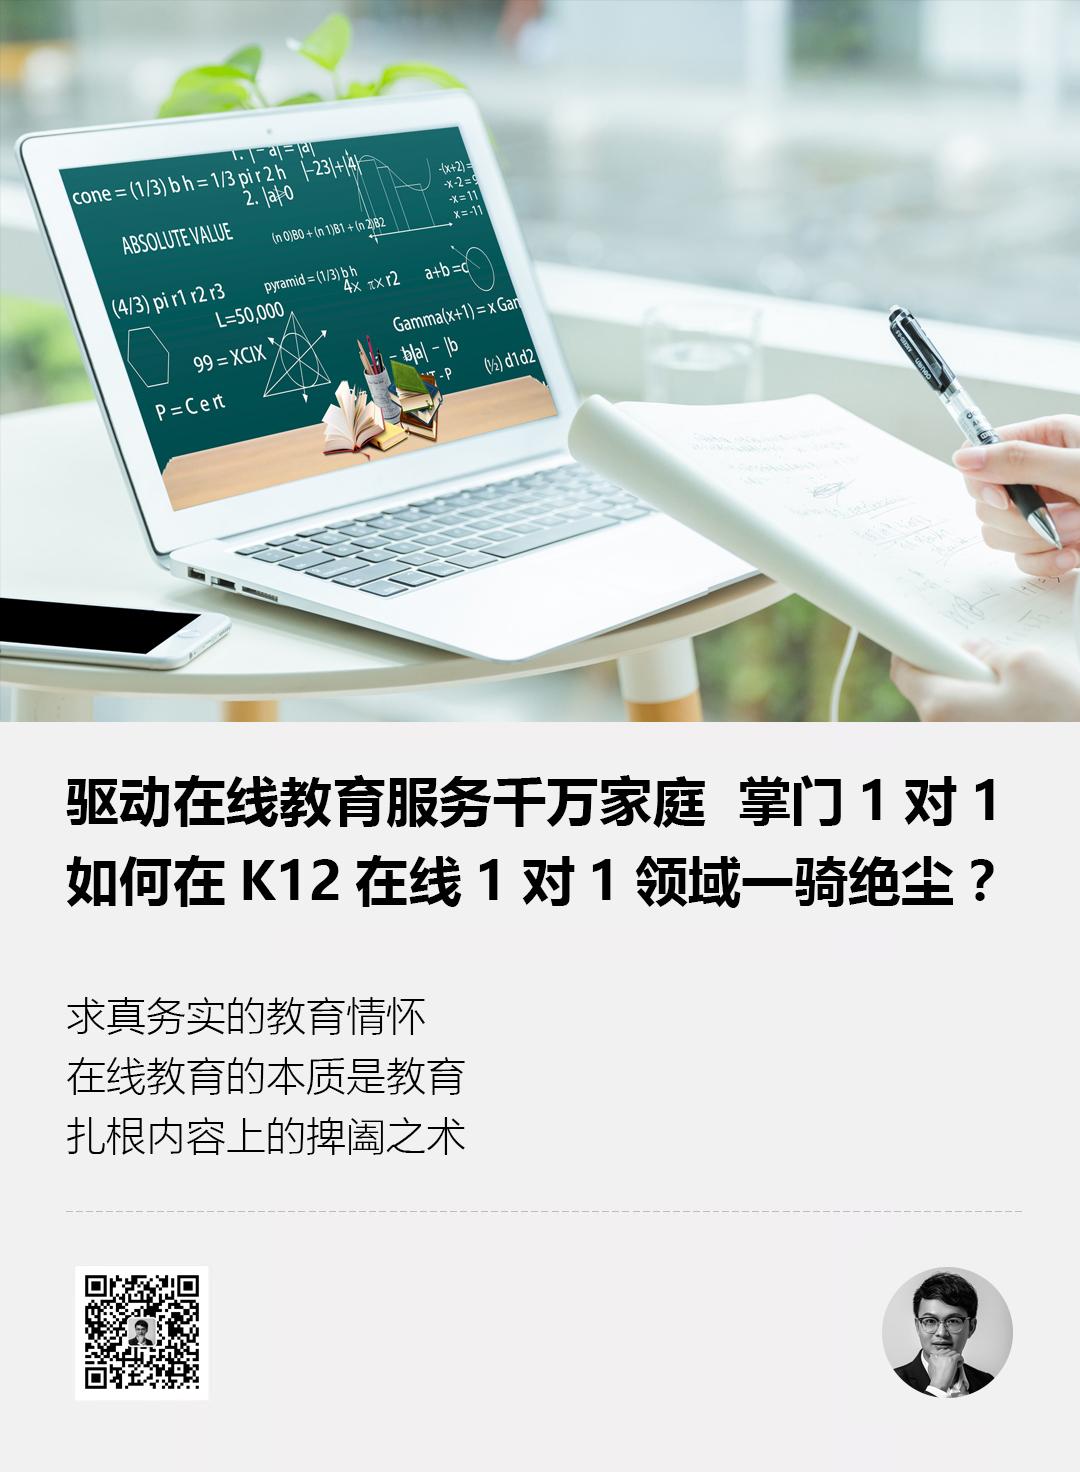 驱动在线教育服务千万家庭掌门1对1如何在K12在线1对1领域一骑绝尘?